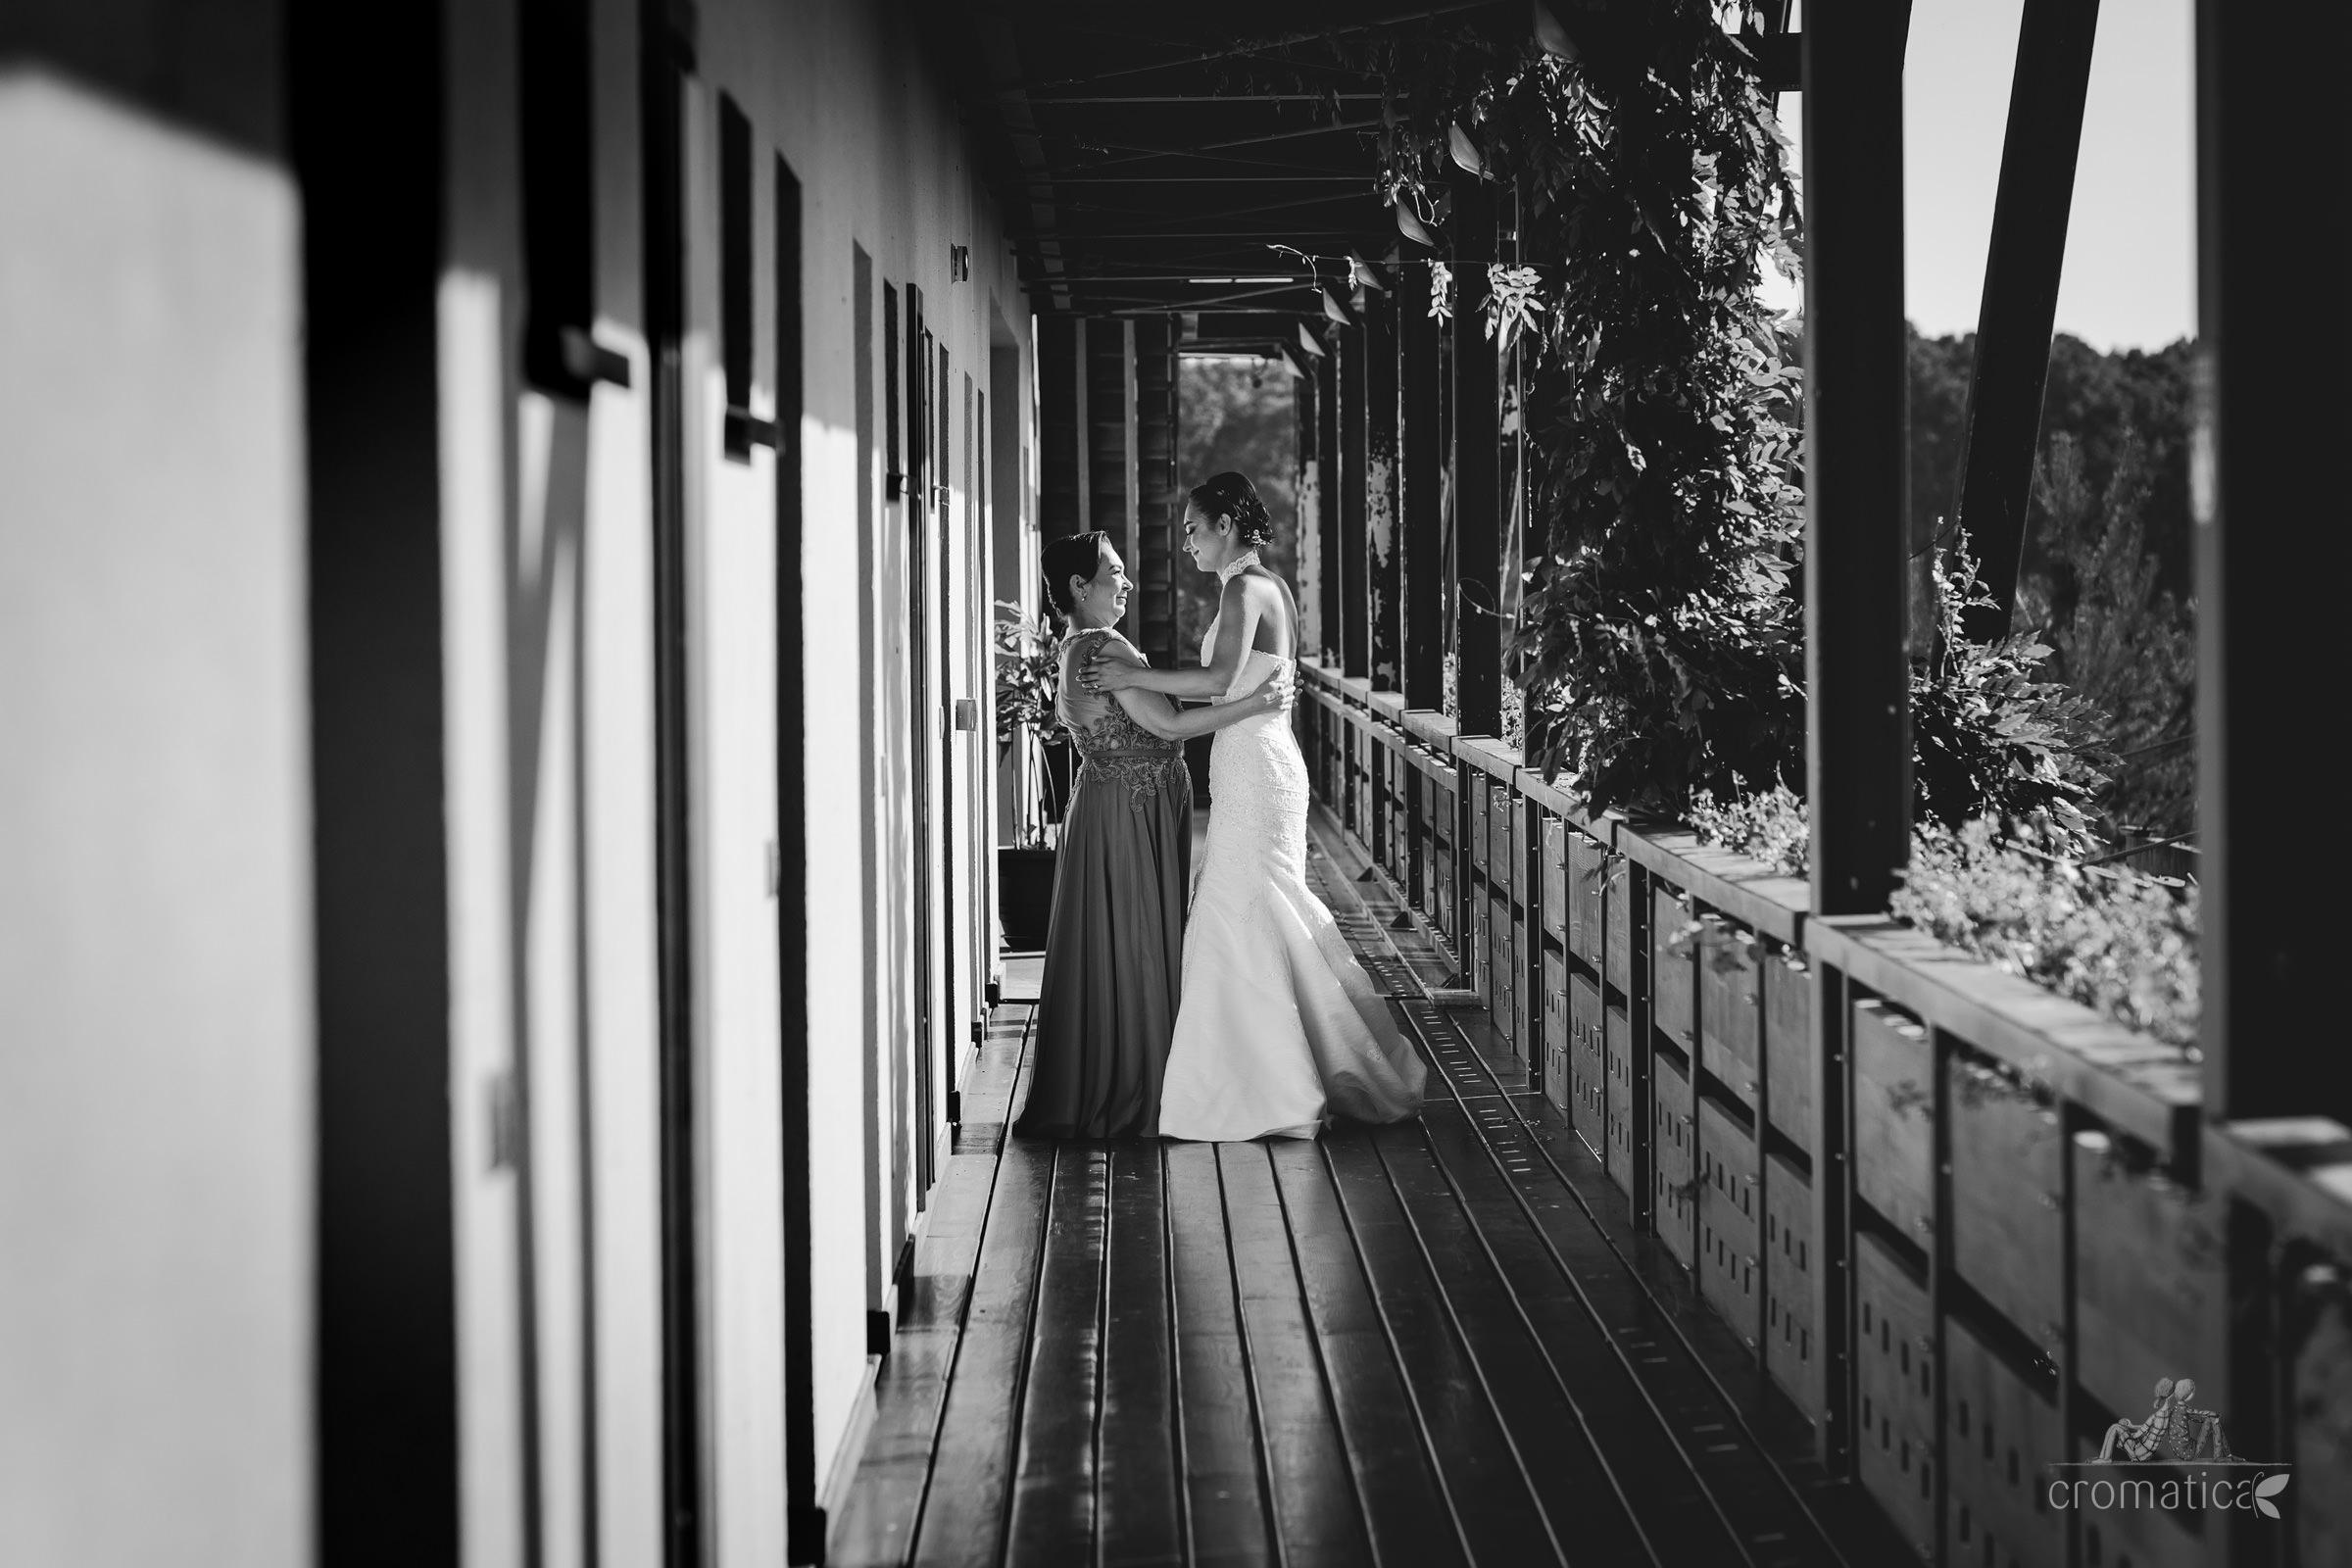 georgiana robert fotografii nunta casa vlasia 028